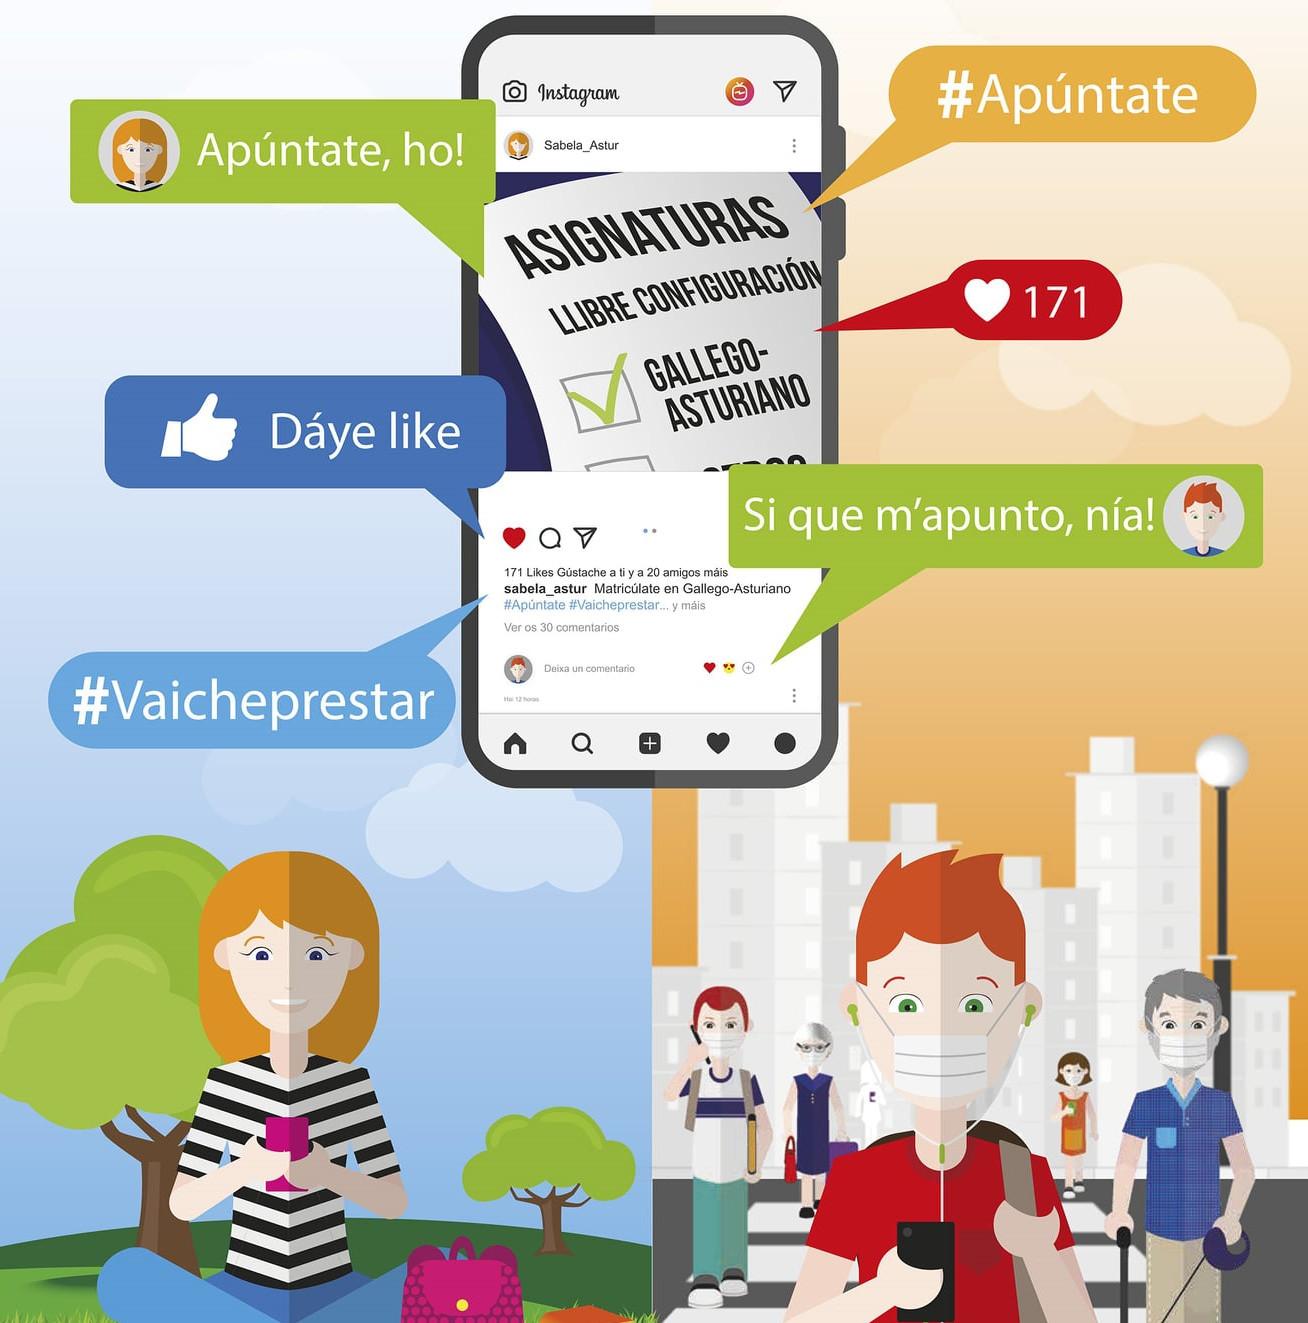 Cartelu campaña #Apúntante 2021 gallego-asturiano recortada